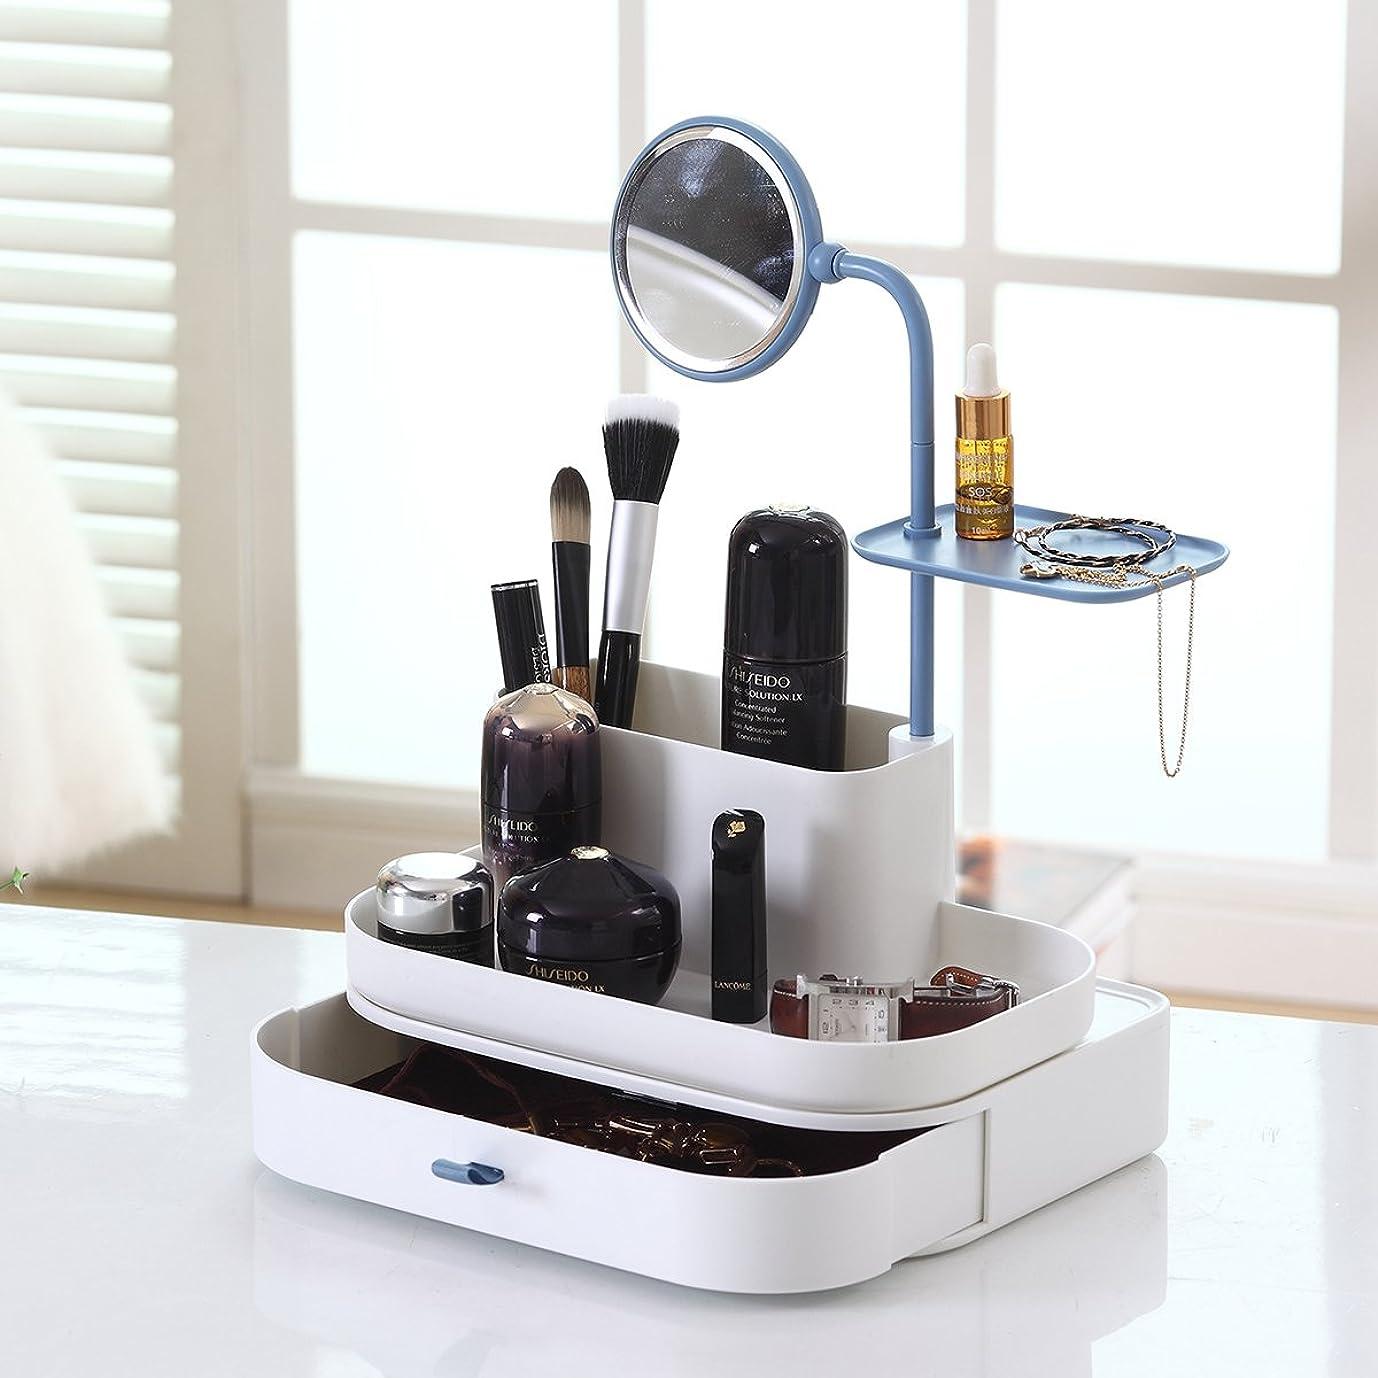 ルビーハンディ歯痛化粧品収納ケース 360度回転 化粧鏡 コスメ収納ボックス プラスチック製 小物入れ 卓上収納 引き出し ジュエリー収納 卓上 トレイ バニティー メイクケース (ブルー)